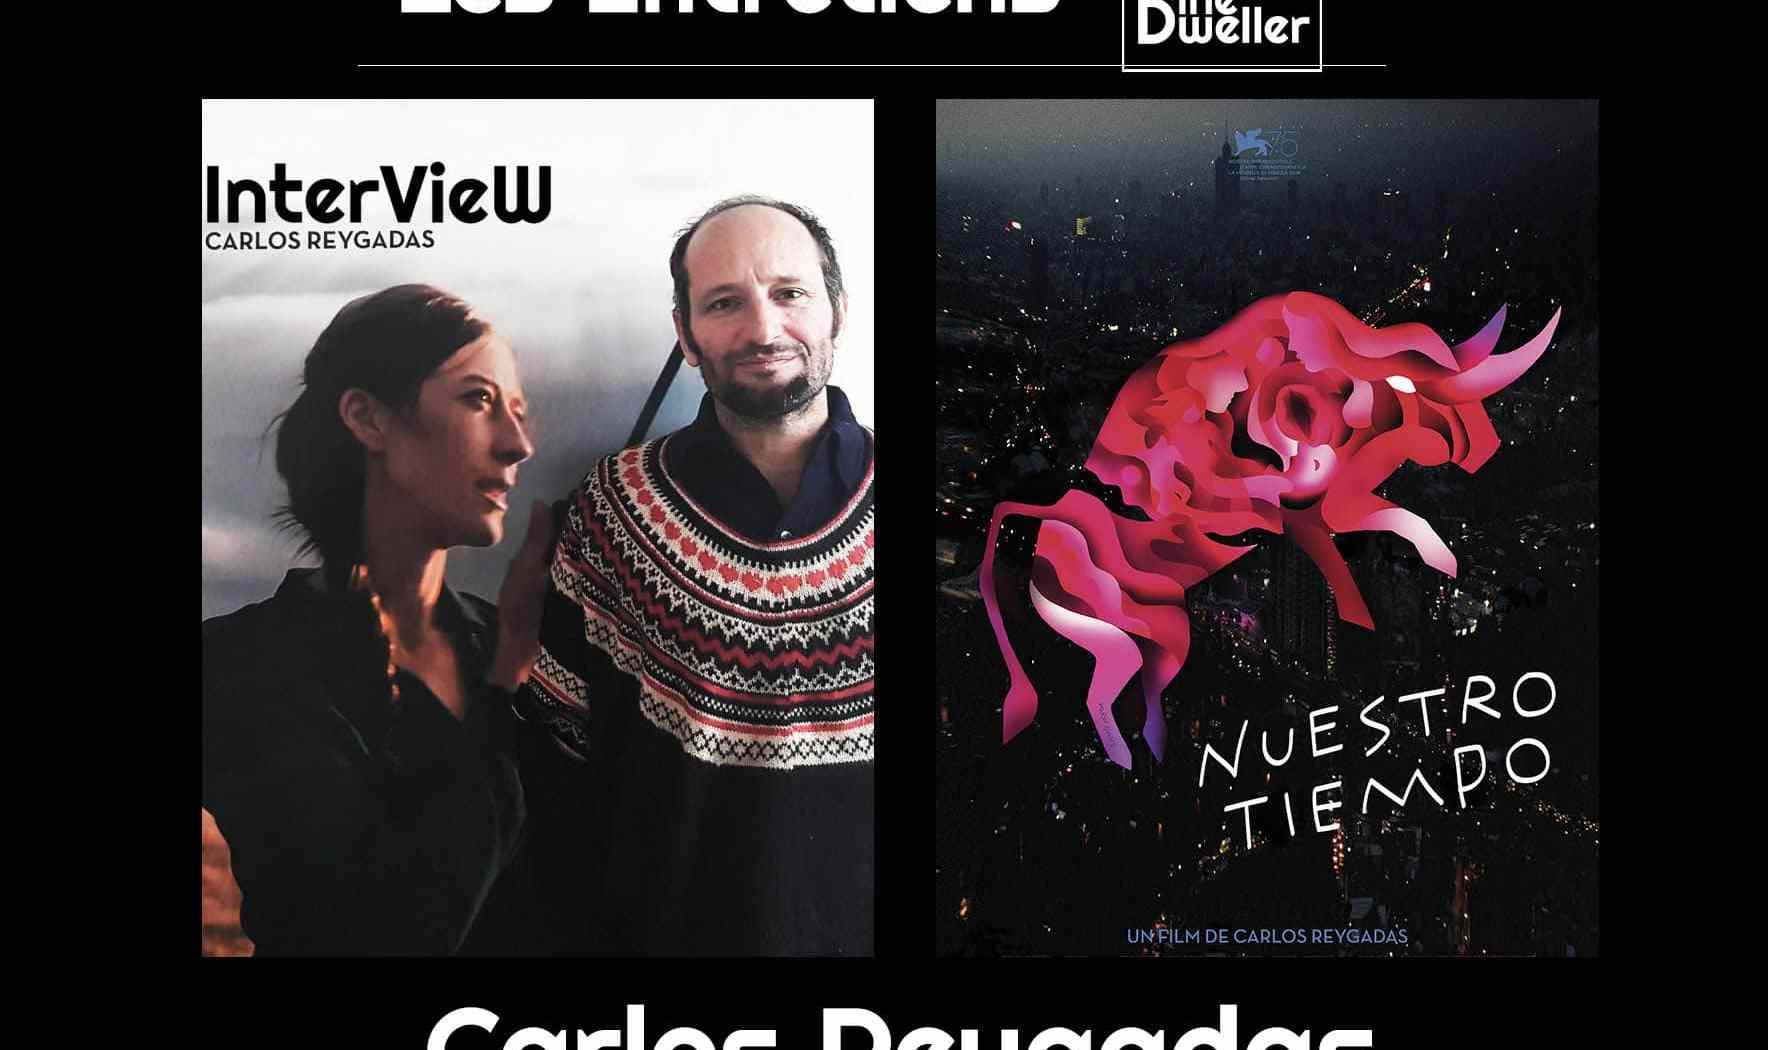 Interview de Carlos Reygadas. Entretien par Frédéric Mignard